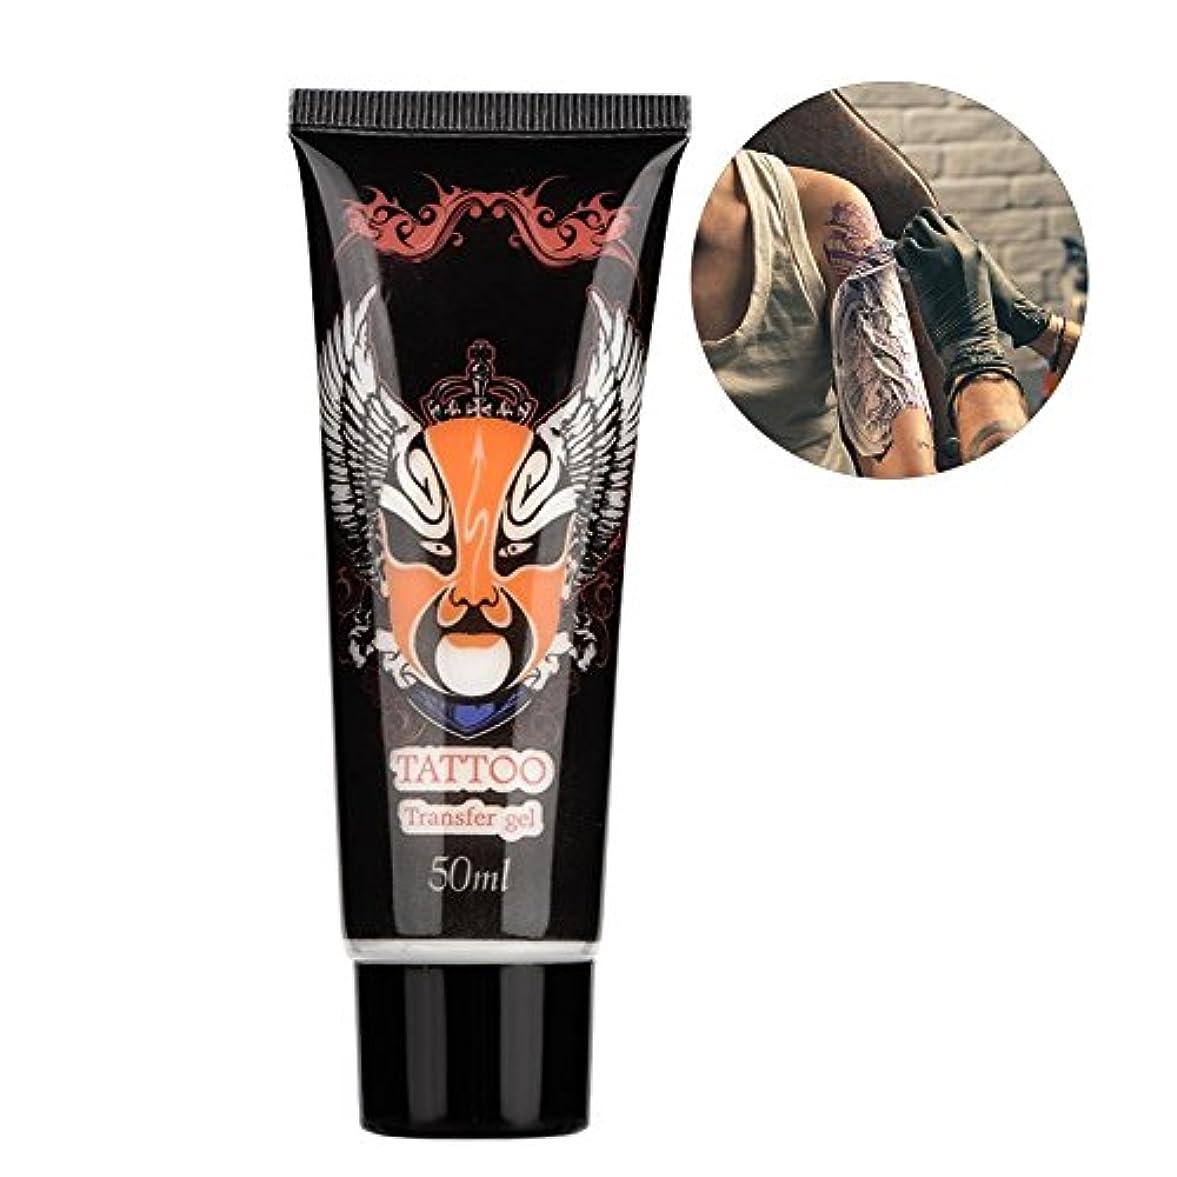 整然とした吸収わずかにタトゥー除去クリーム、専門クリーニングタトゥー 無痛 素早い洗浄 ボディーアートアクセサリー タトゥーアクセサリー(50ml)